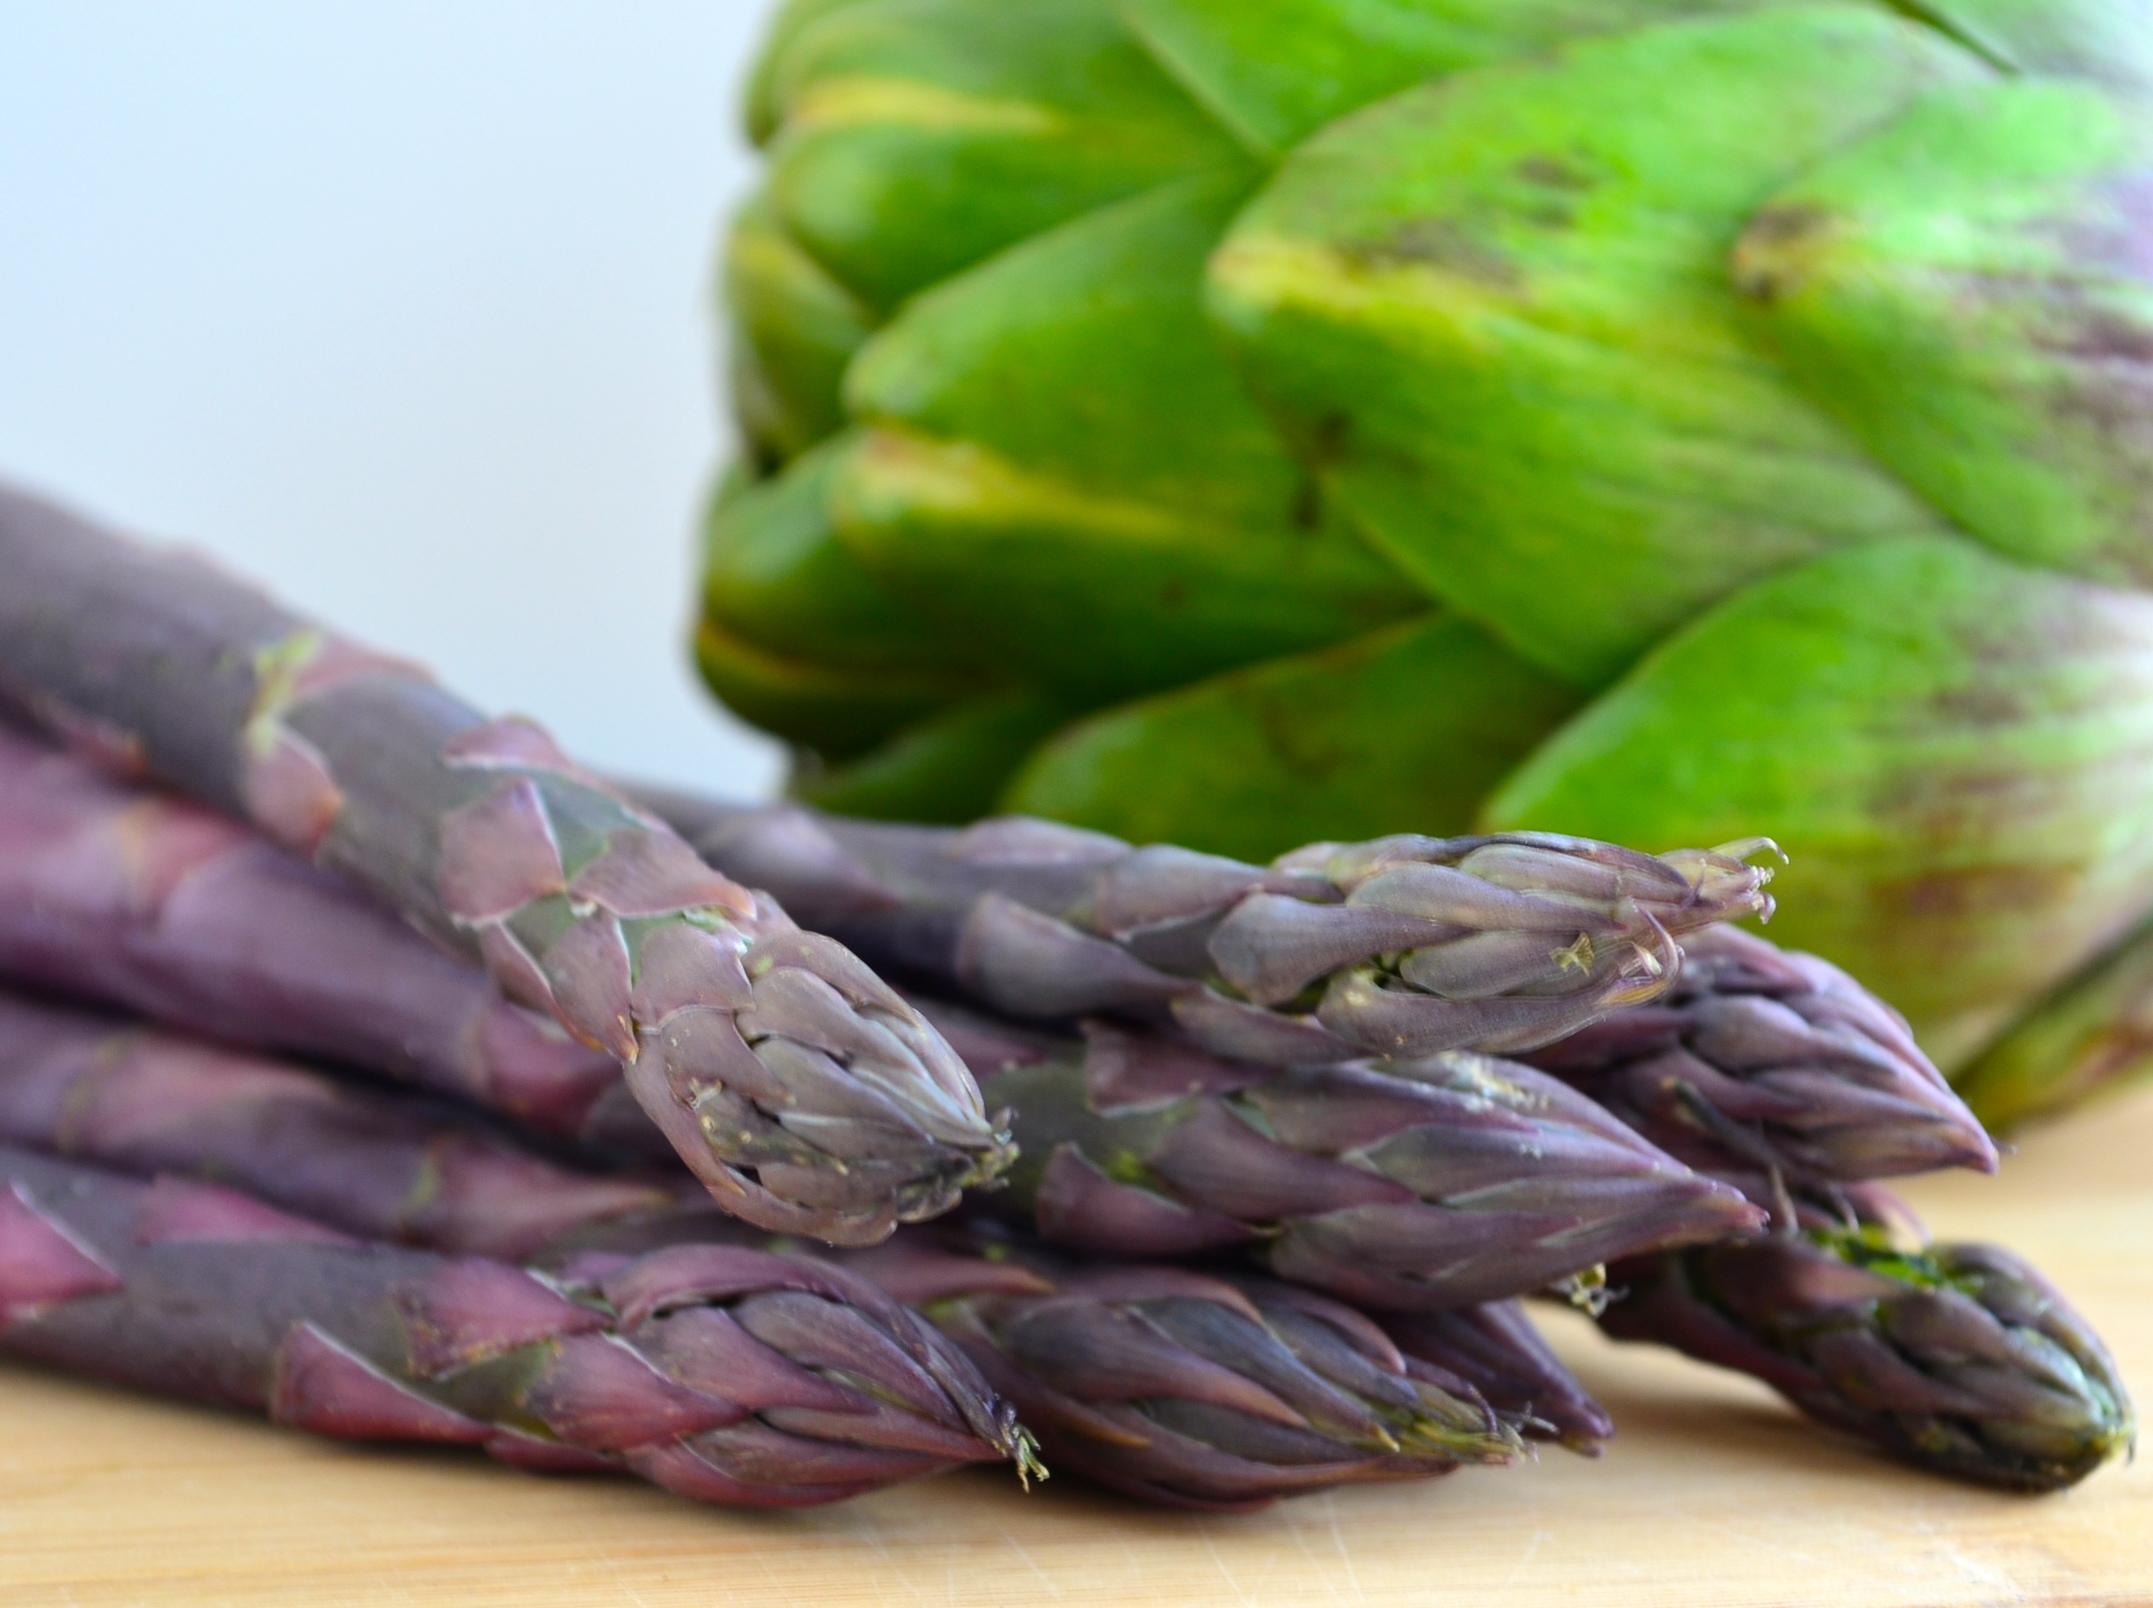 purple asparragus